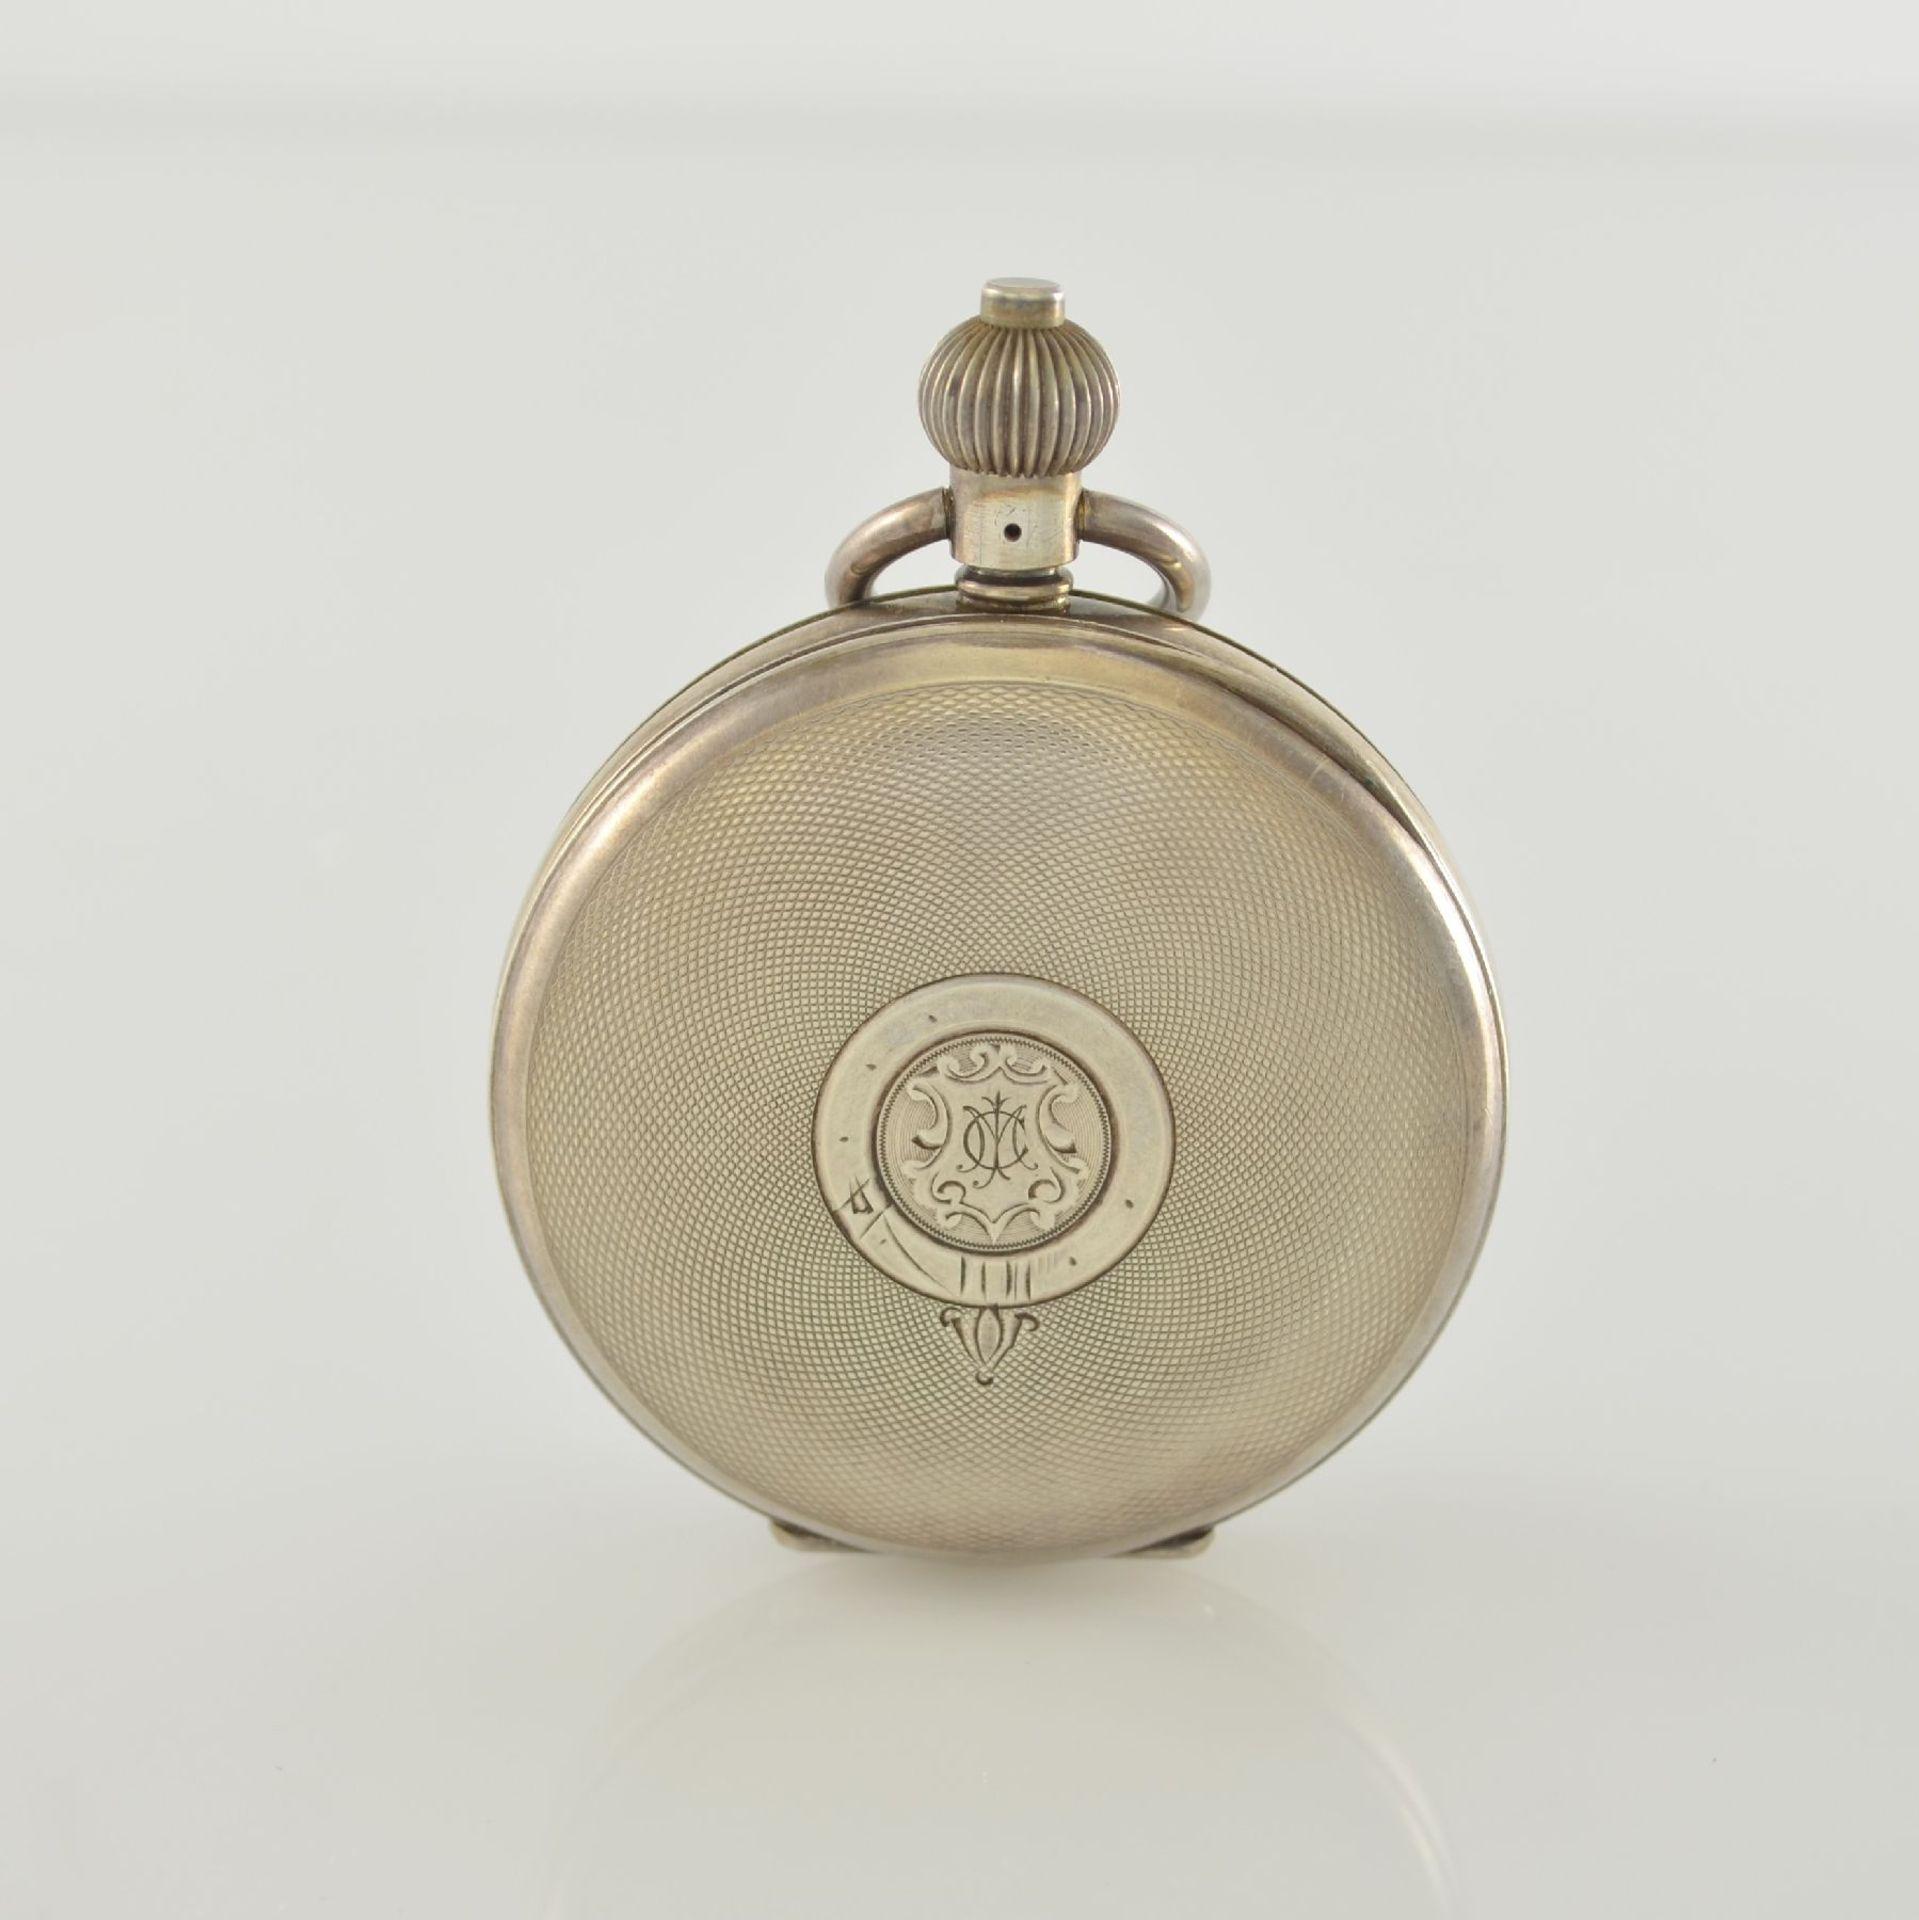 Offene Herrentaschenuhr mit Chronograph in Sterlingsilber, Schweiz um 1910, guill. Geh., aufgedr. - Bild 7 aus 7